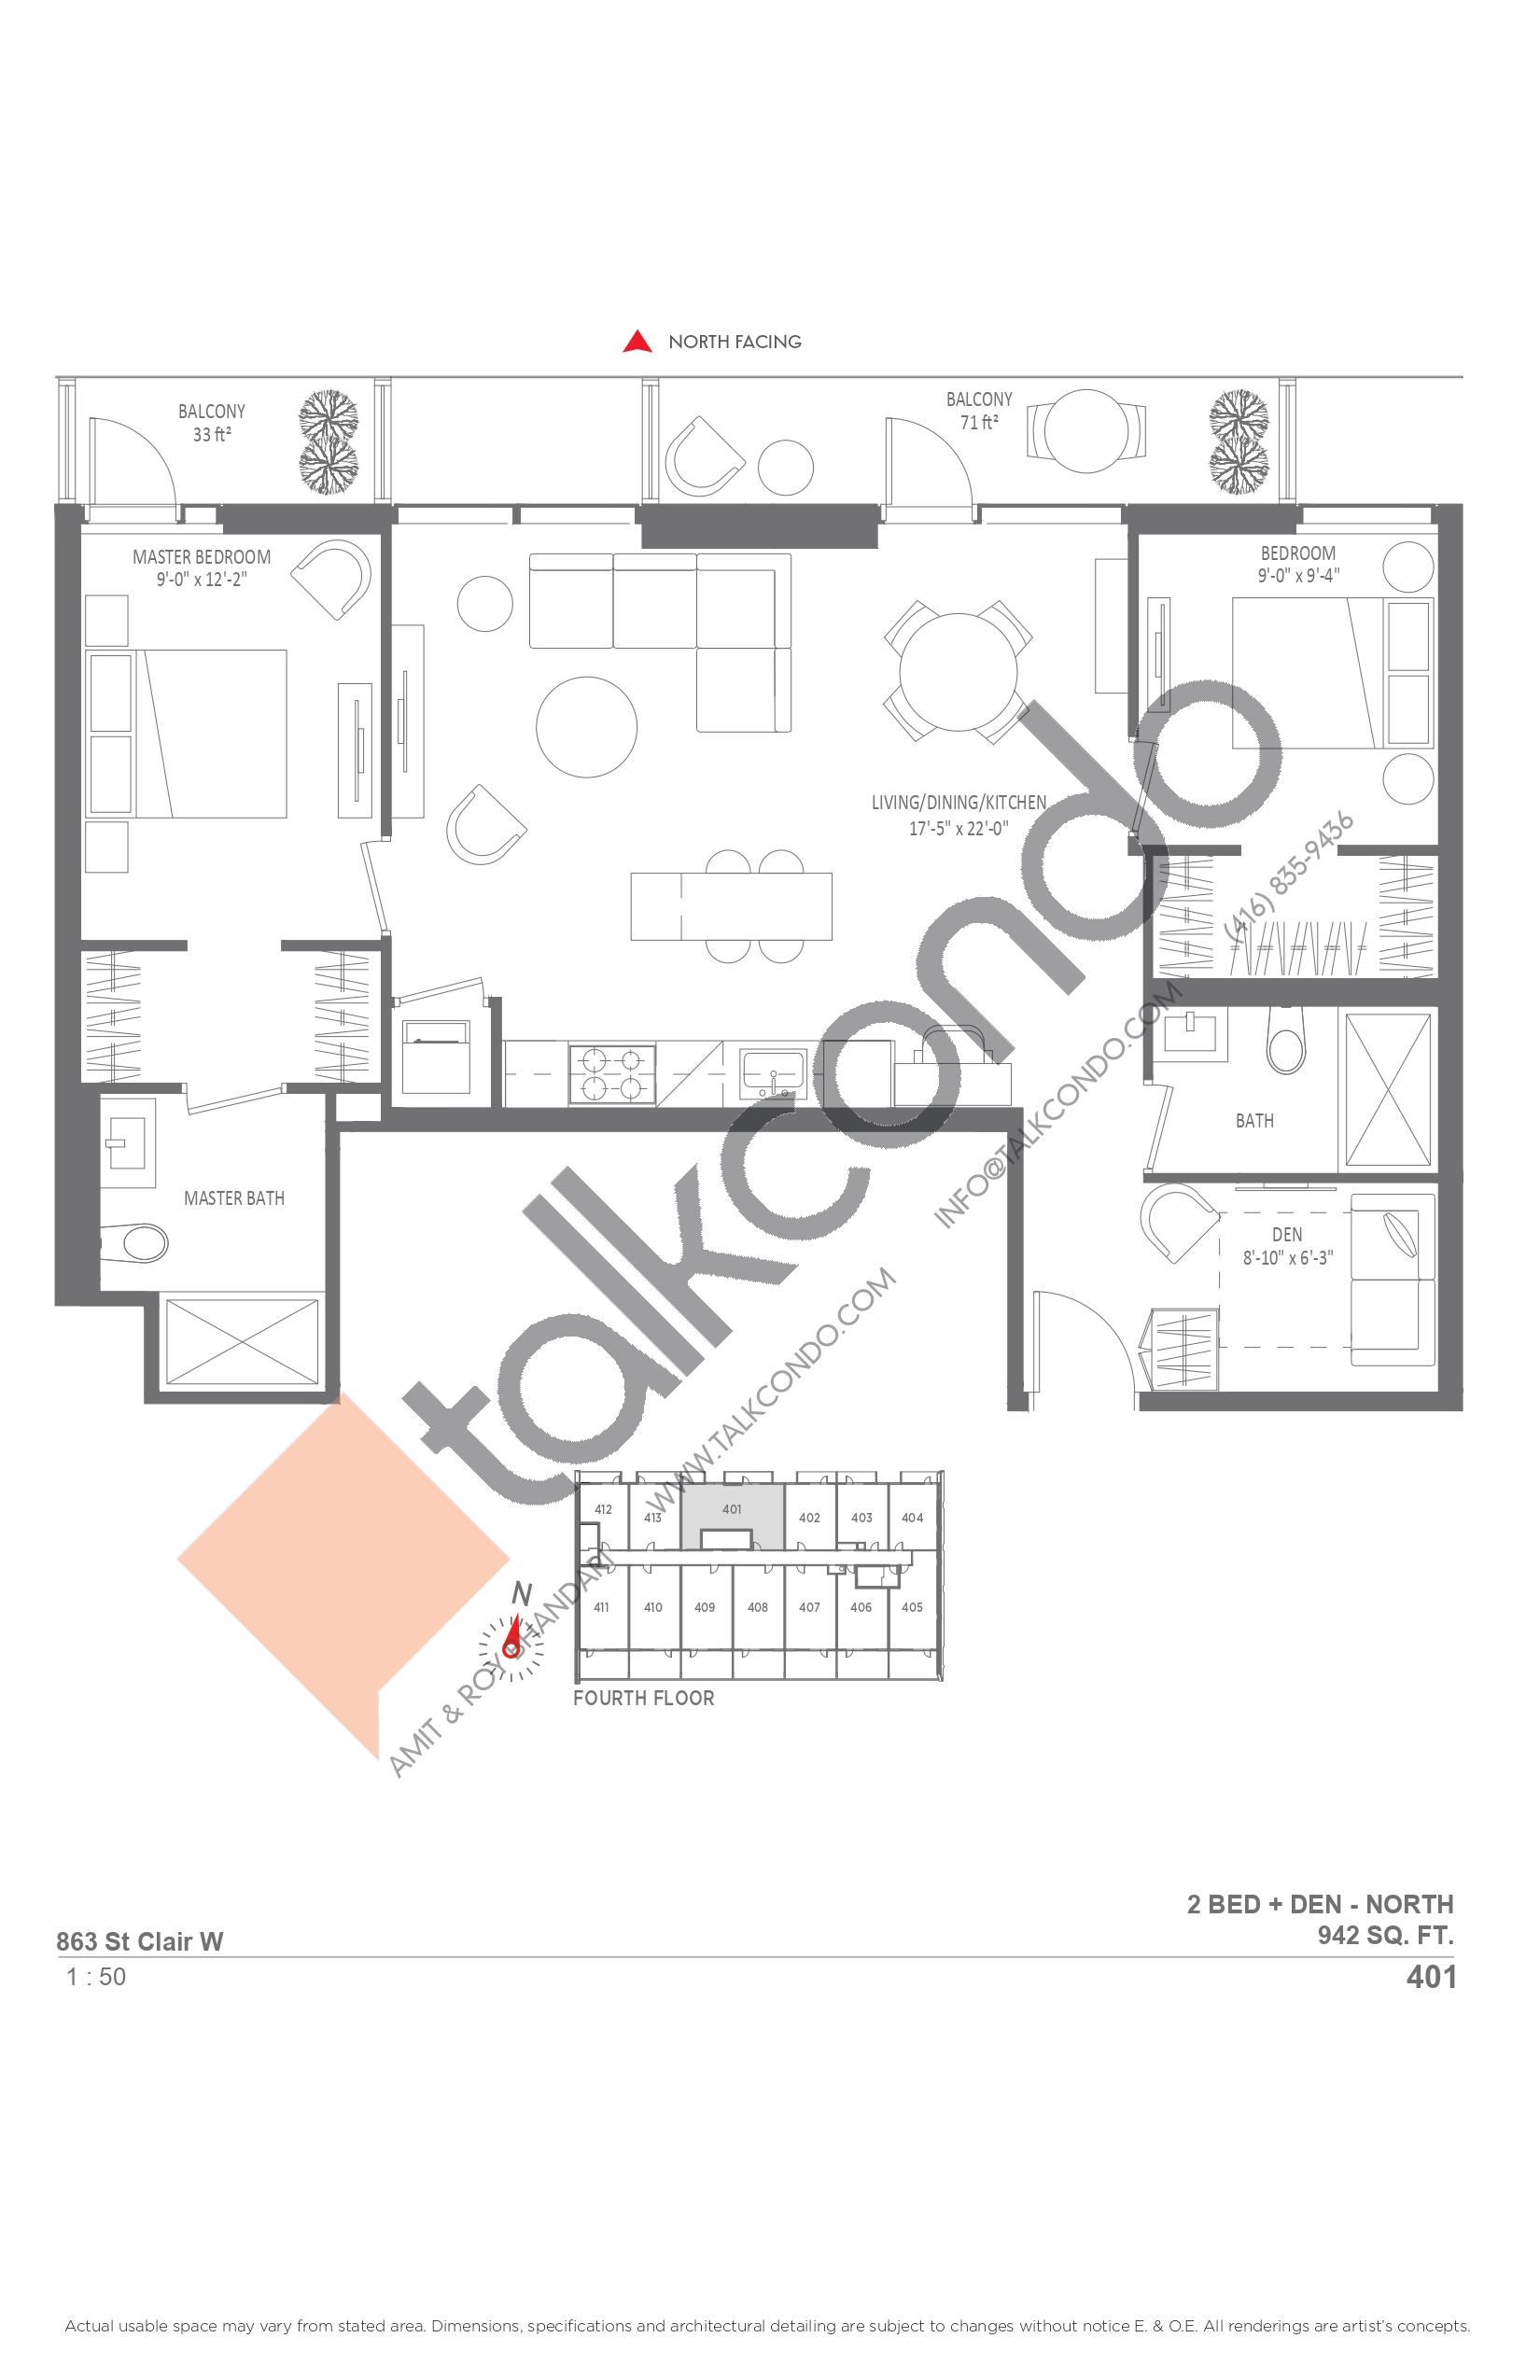 401 Floor Plan at Monza Condos - 942 sq.ft